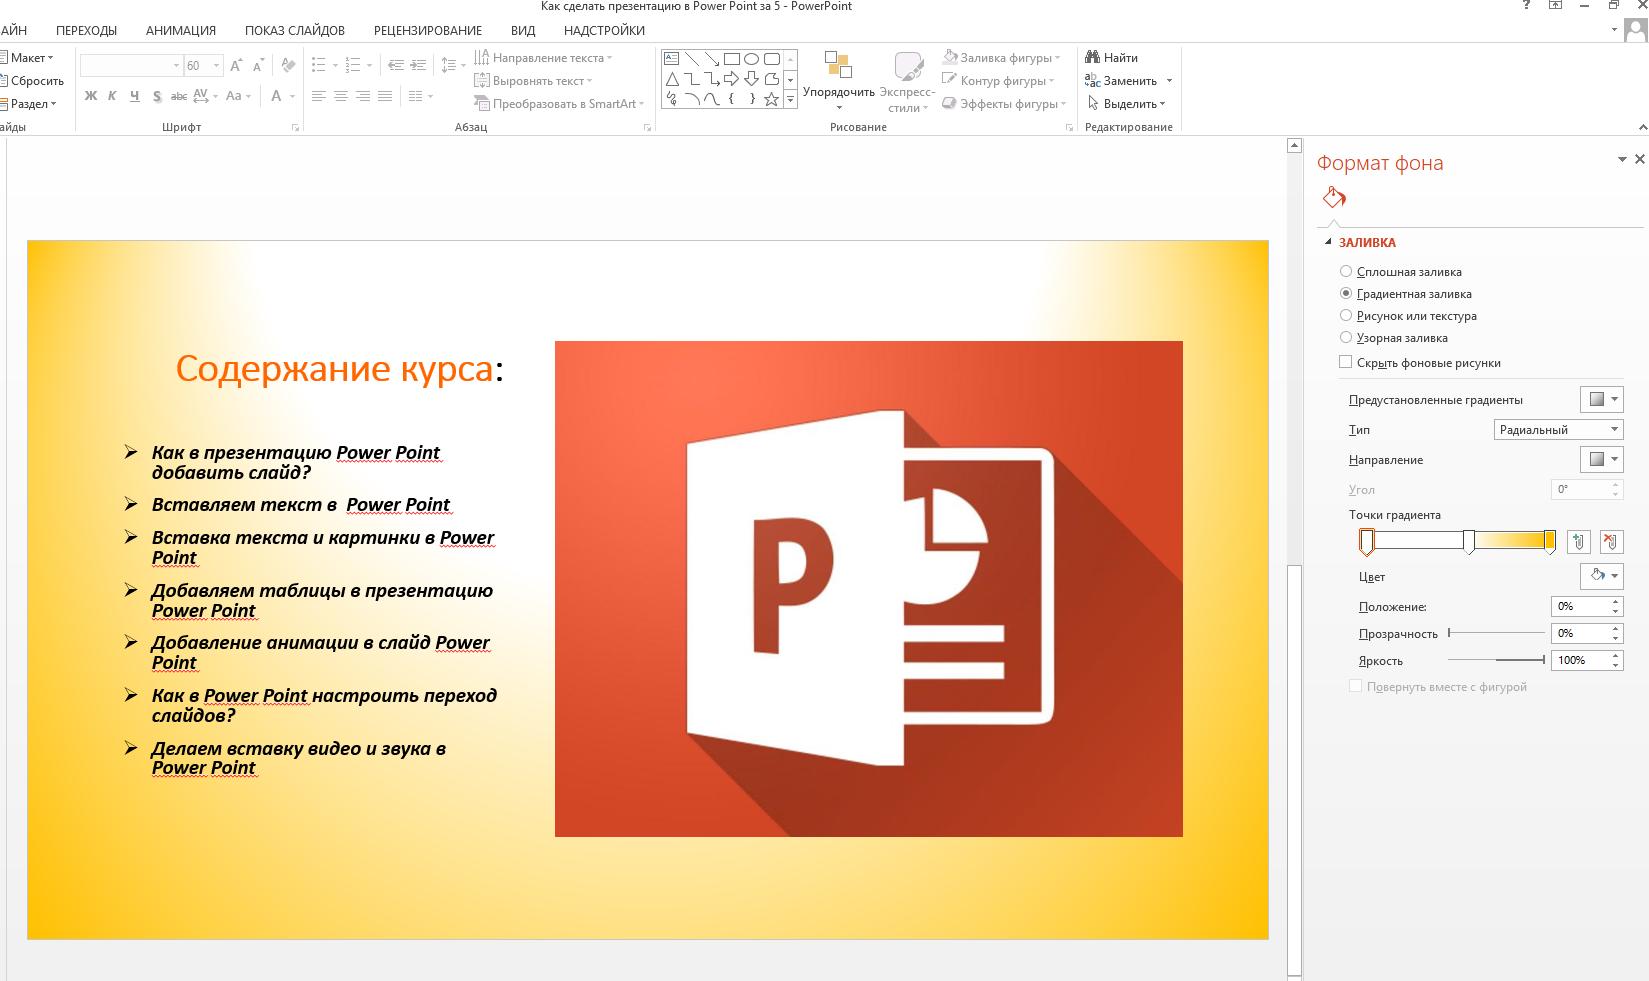 Как сделать презентацию на компьютере в Power Point? Пошаговая инструкция